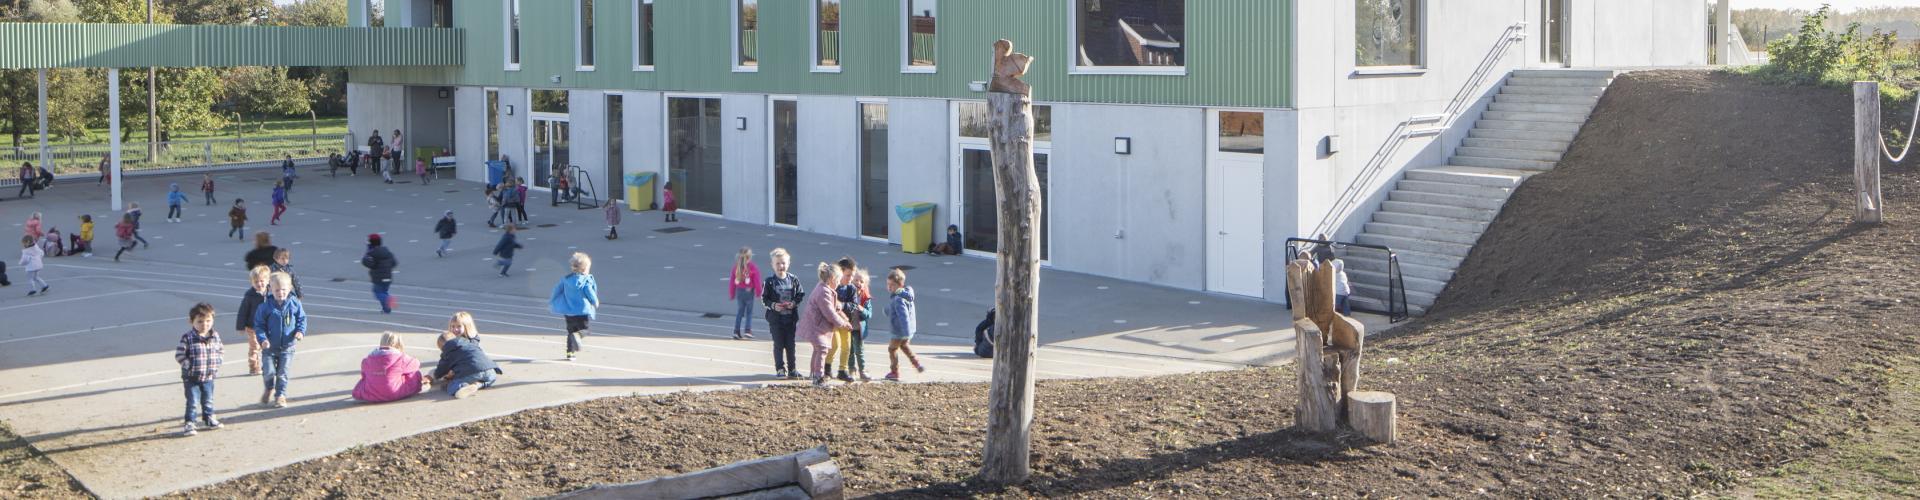 Gemeentelijke Basisschool De Knipoog Tollembeek